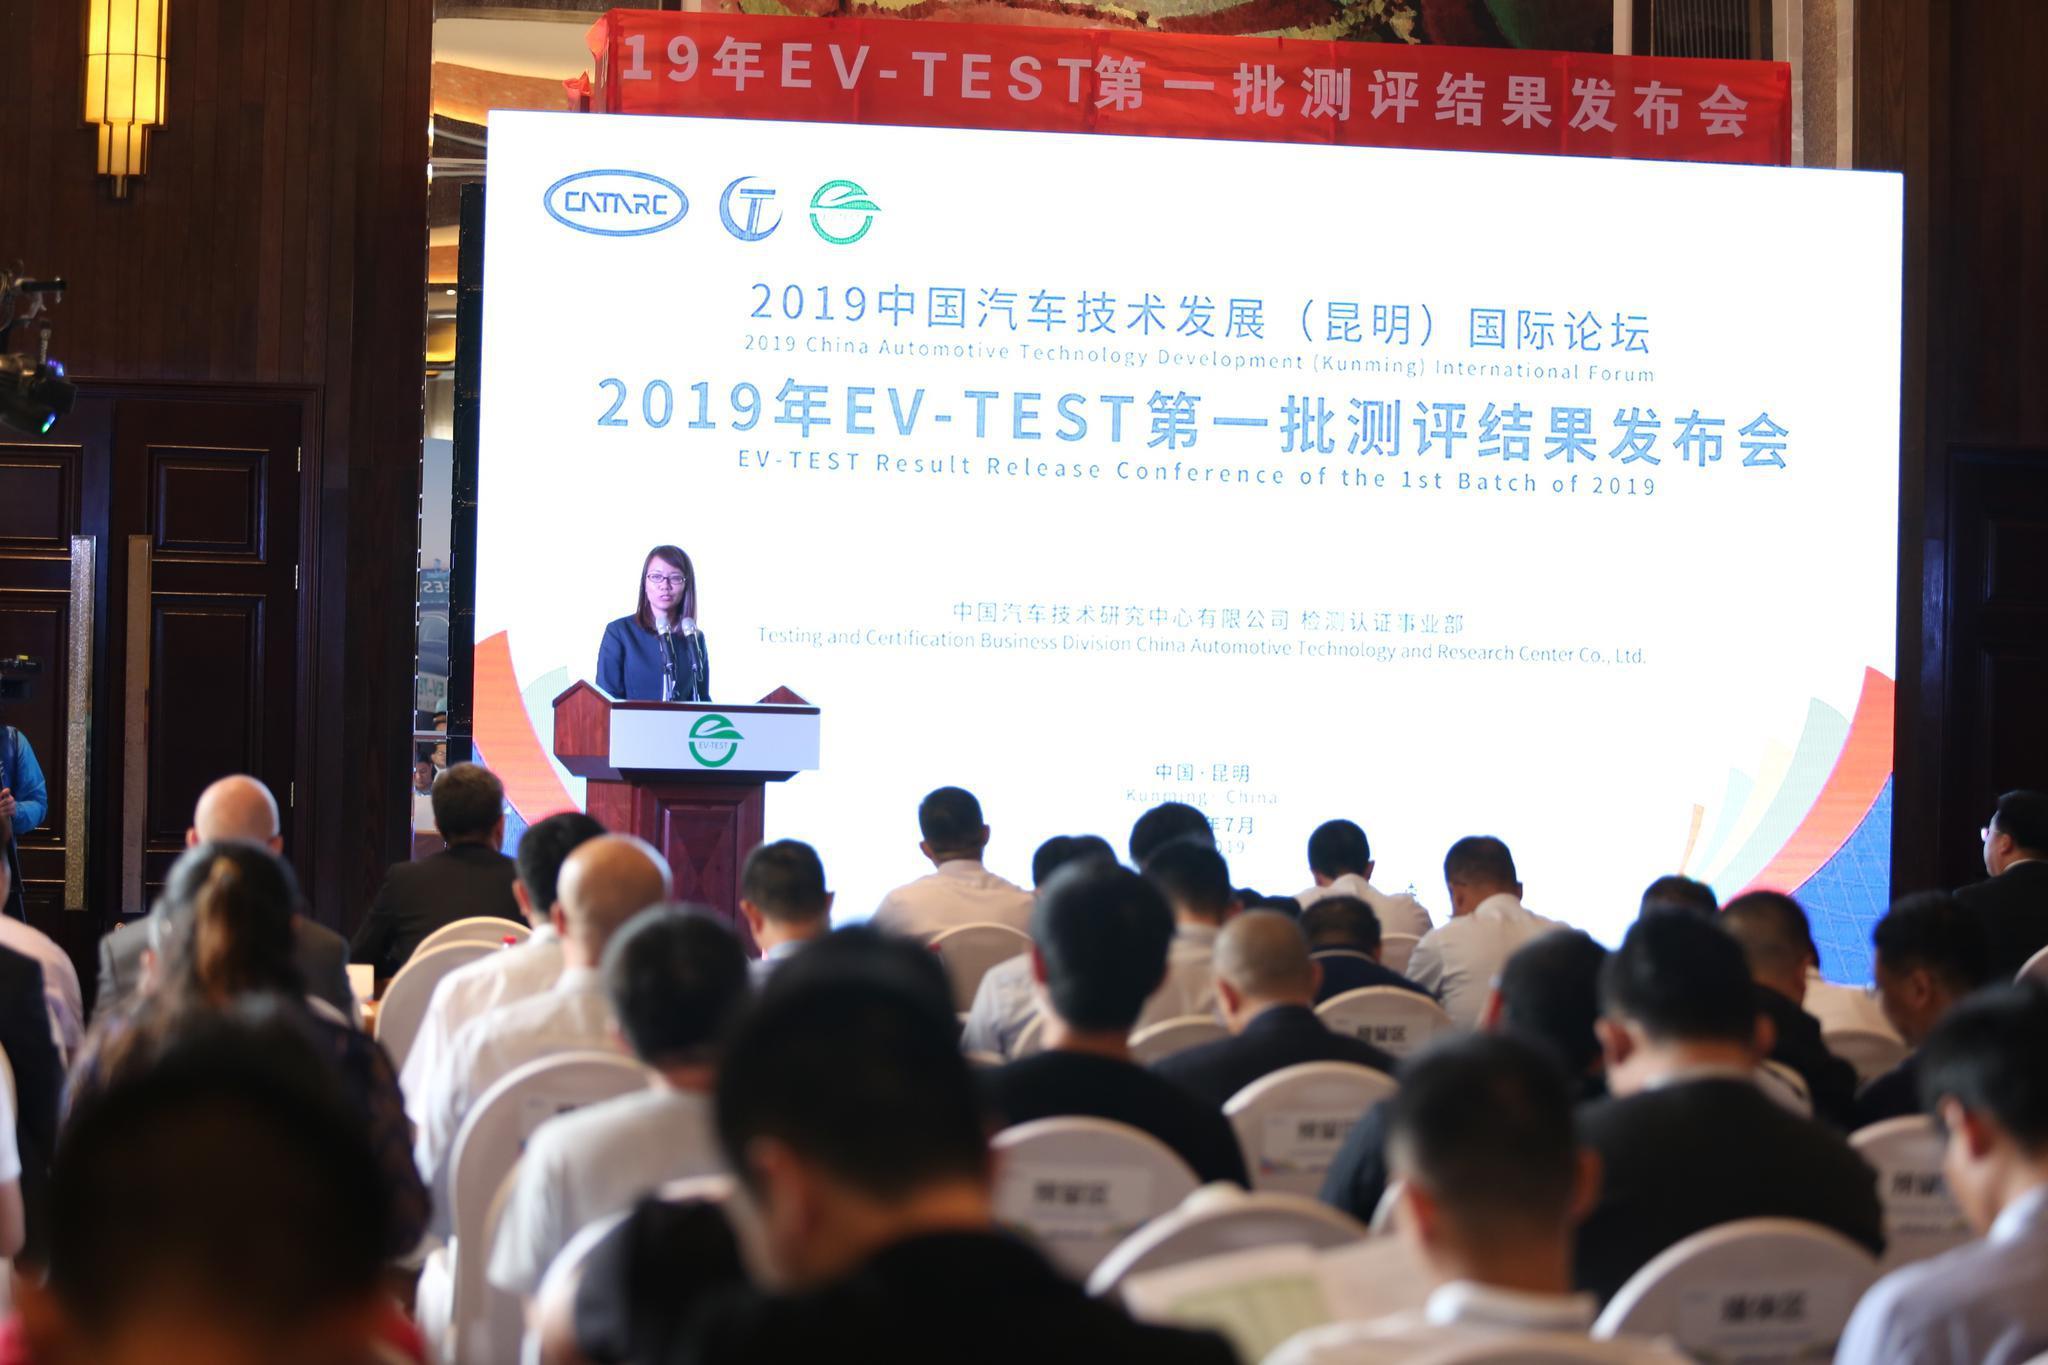 首批EV-TEST测评结果发布,造车新势力和传统车企,谁产品好?